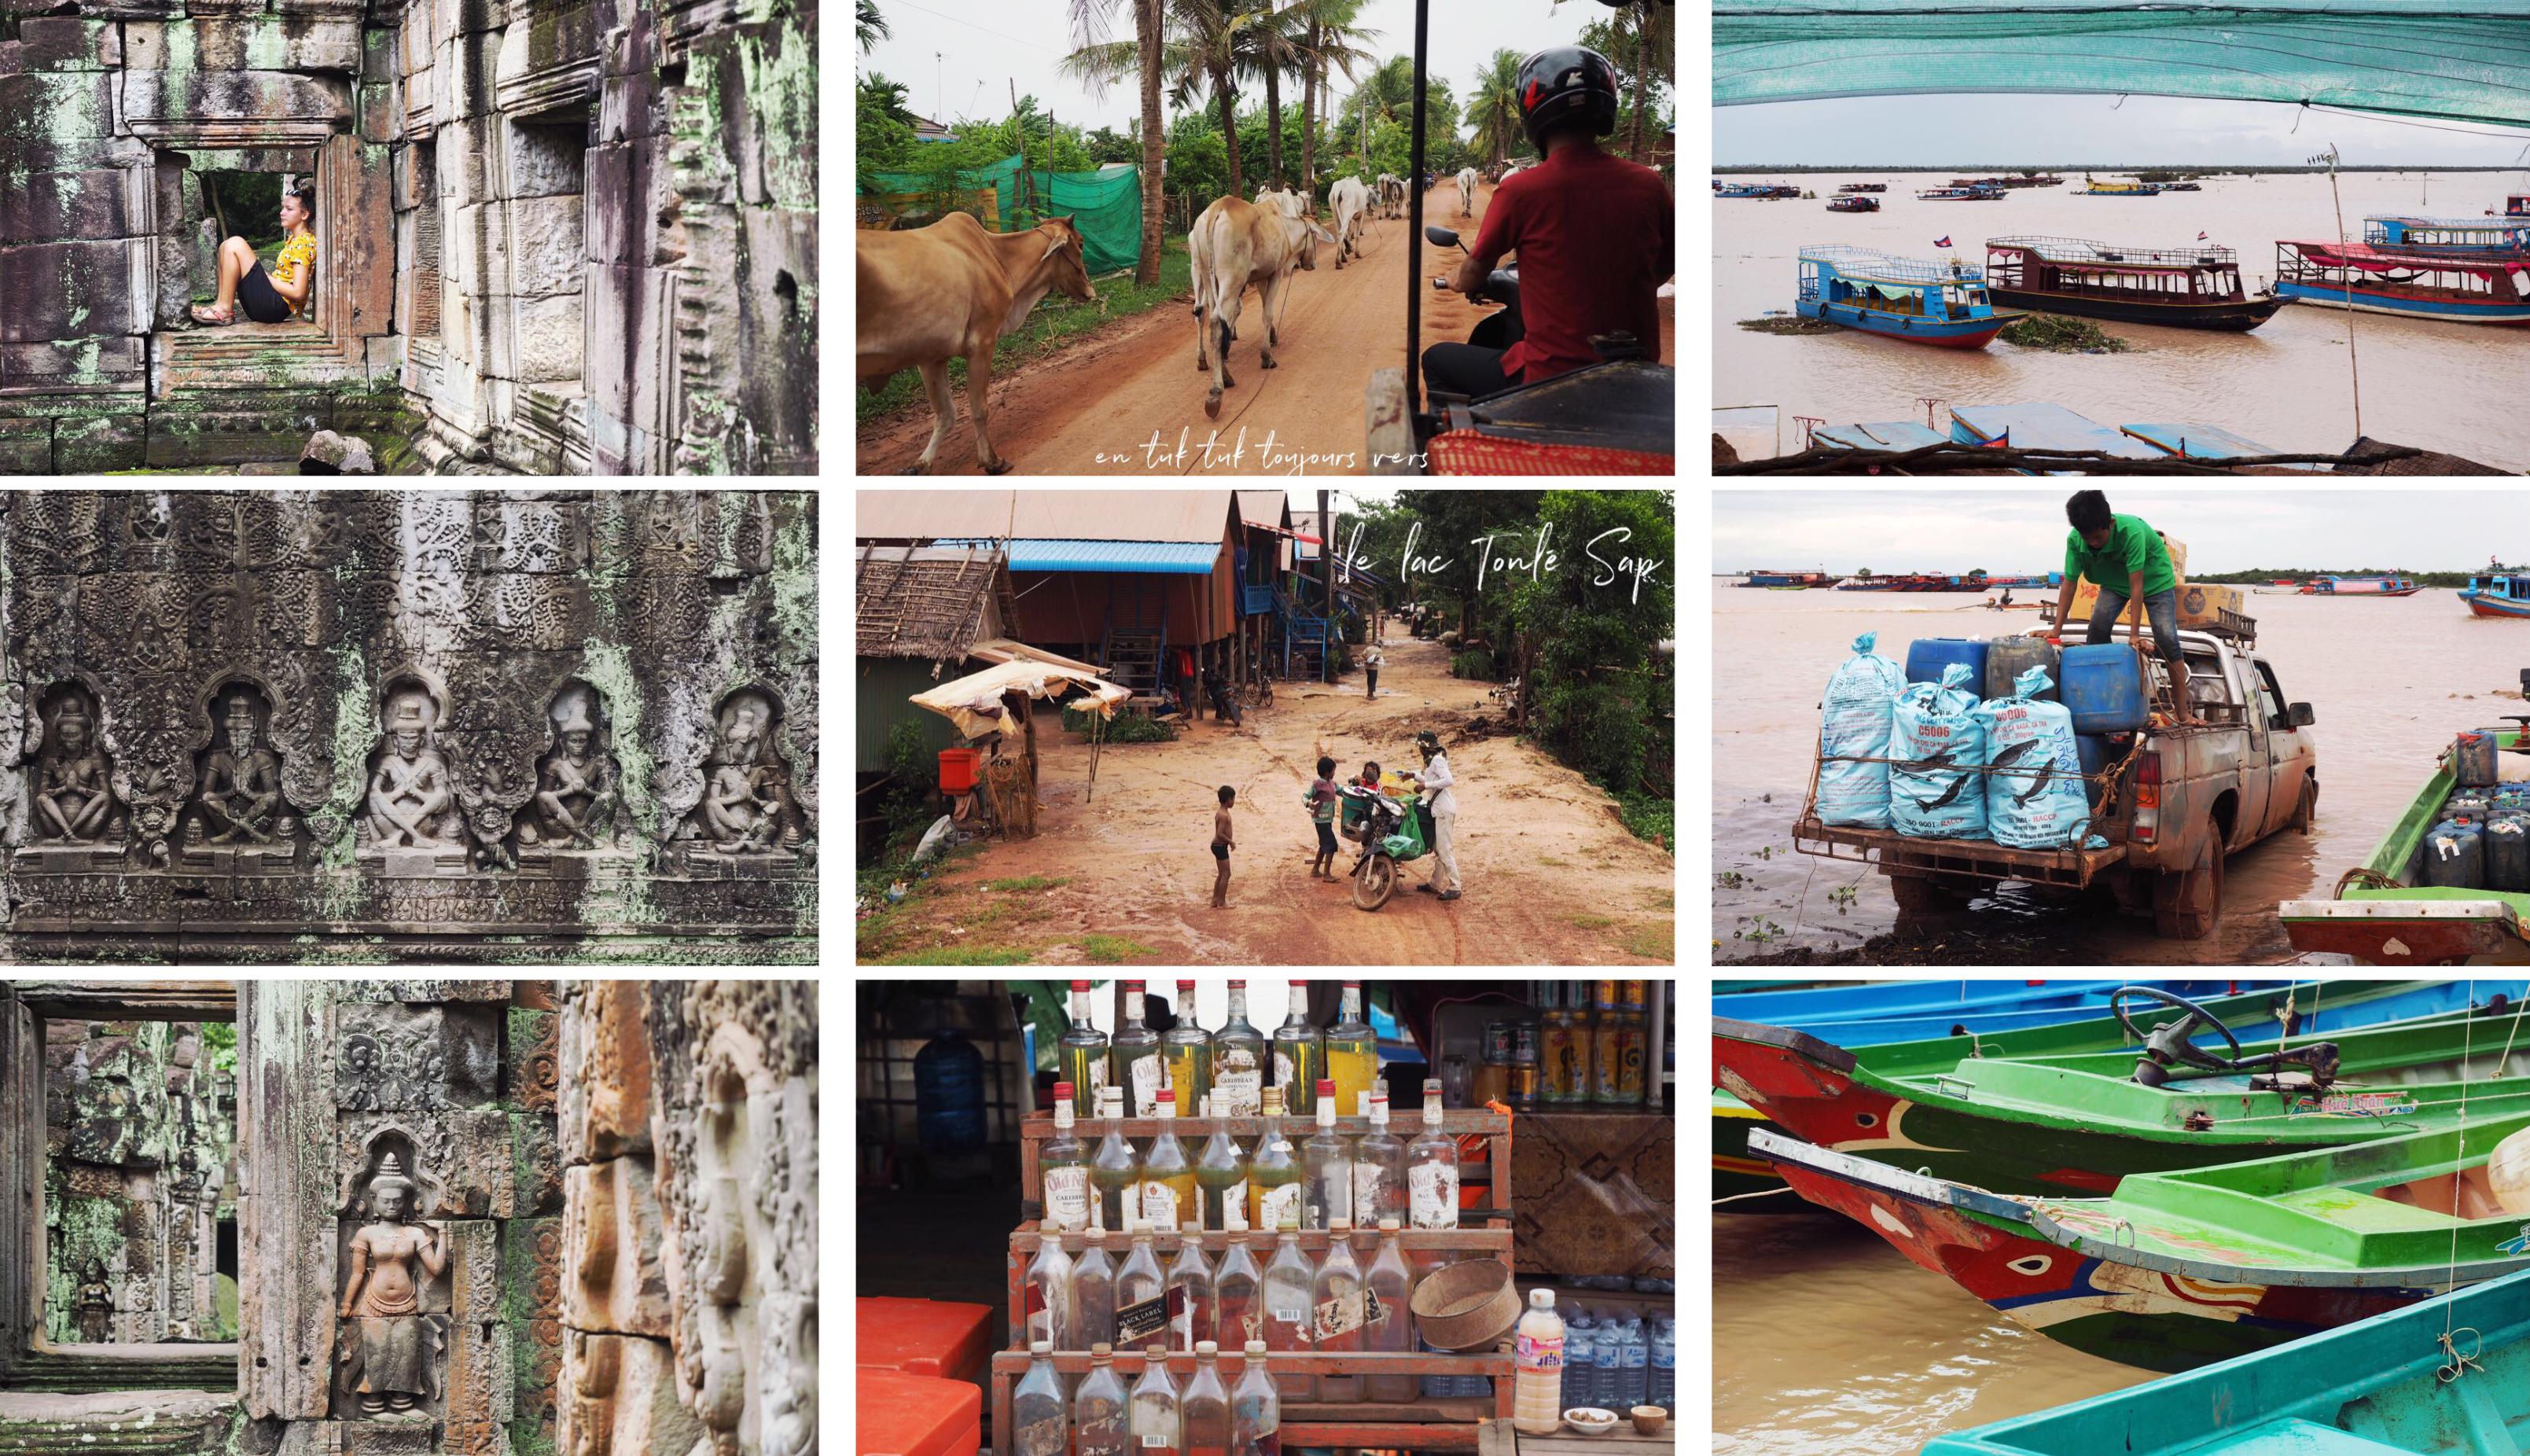 visiter le lac tonlé sap - cambodge - siem reap